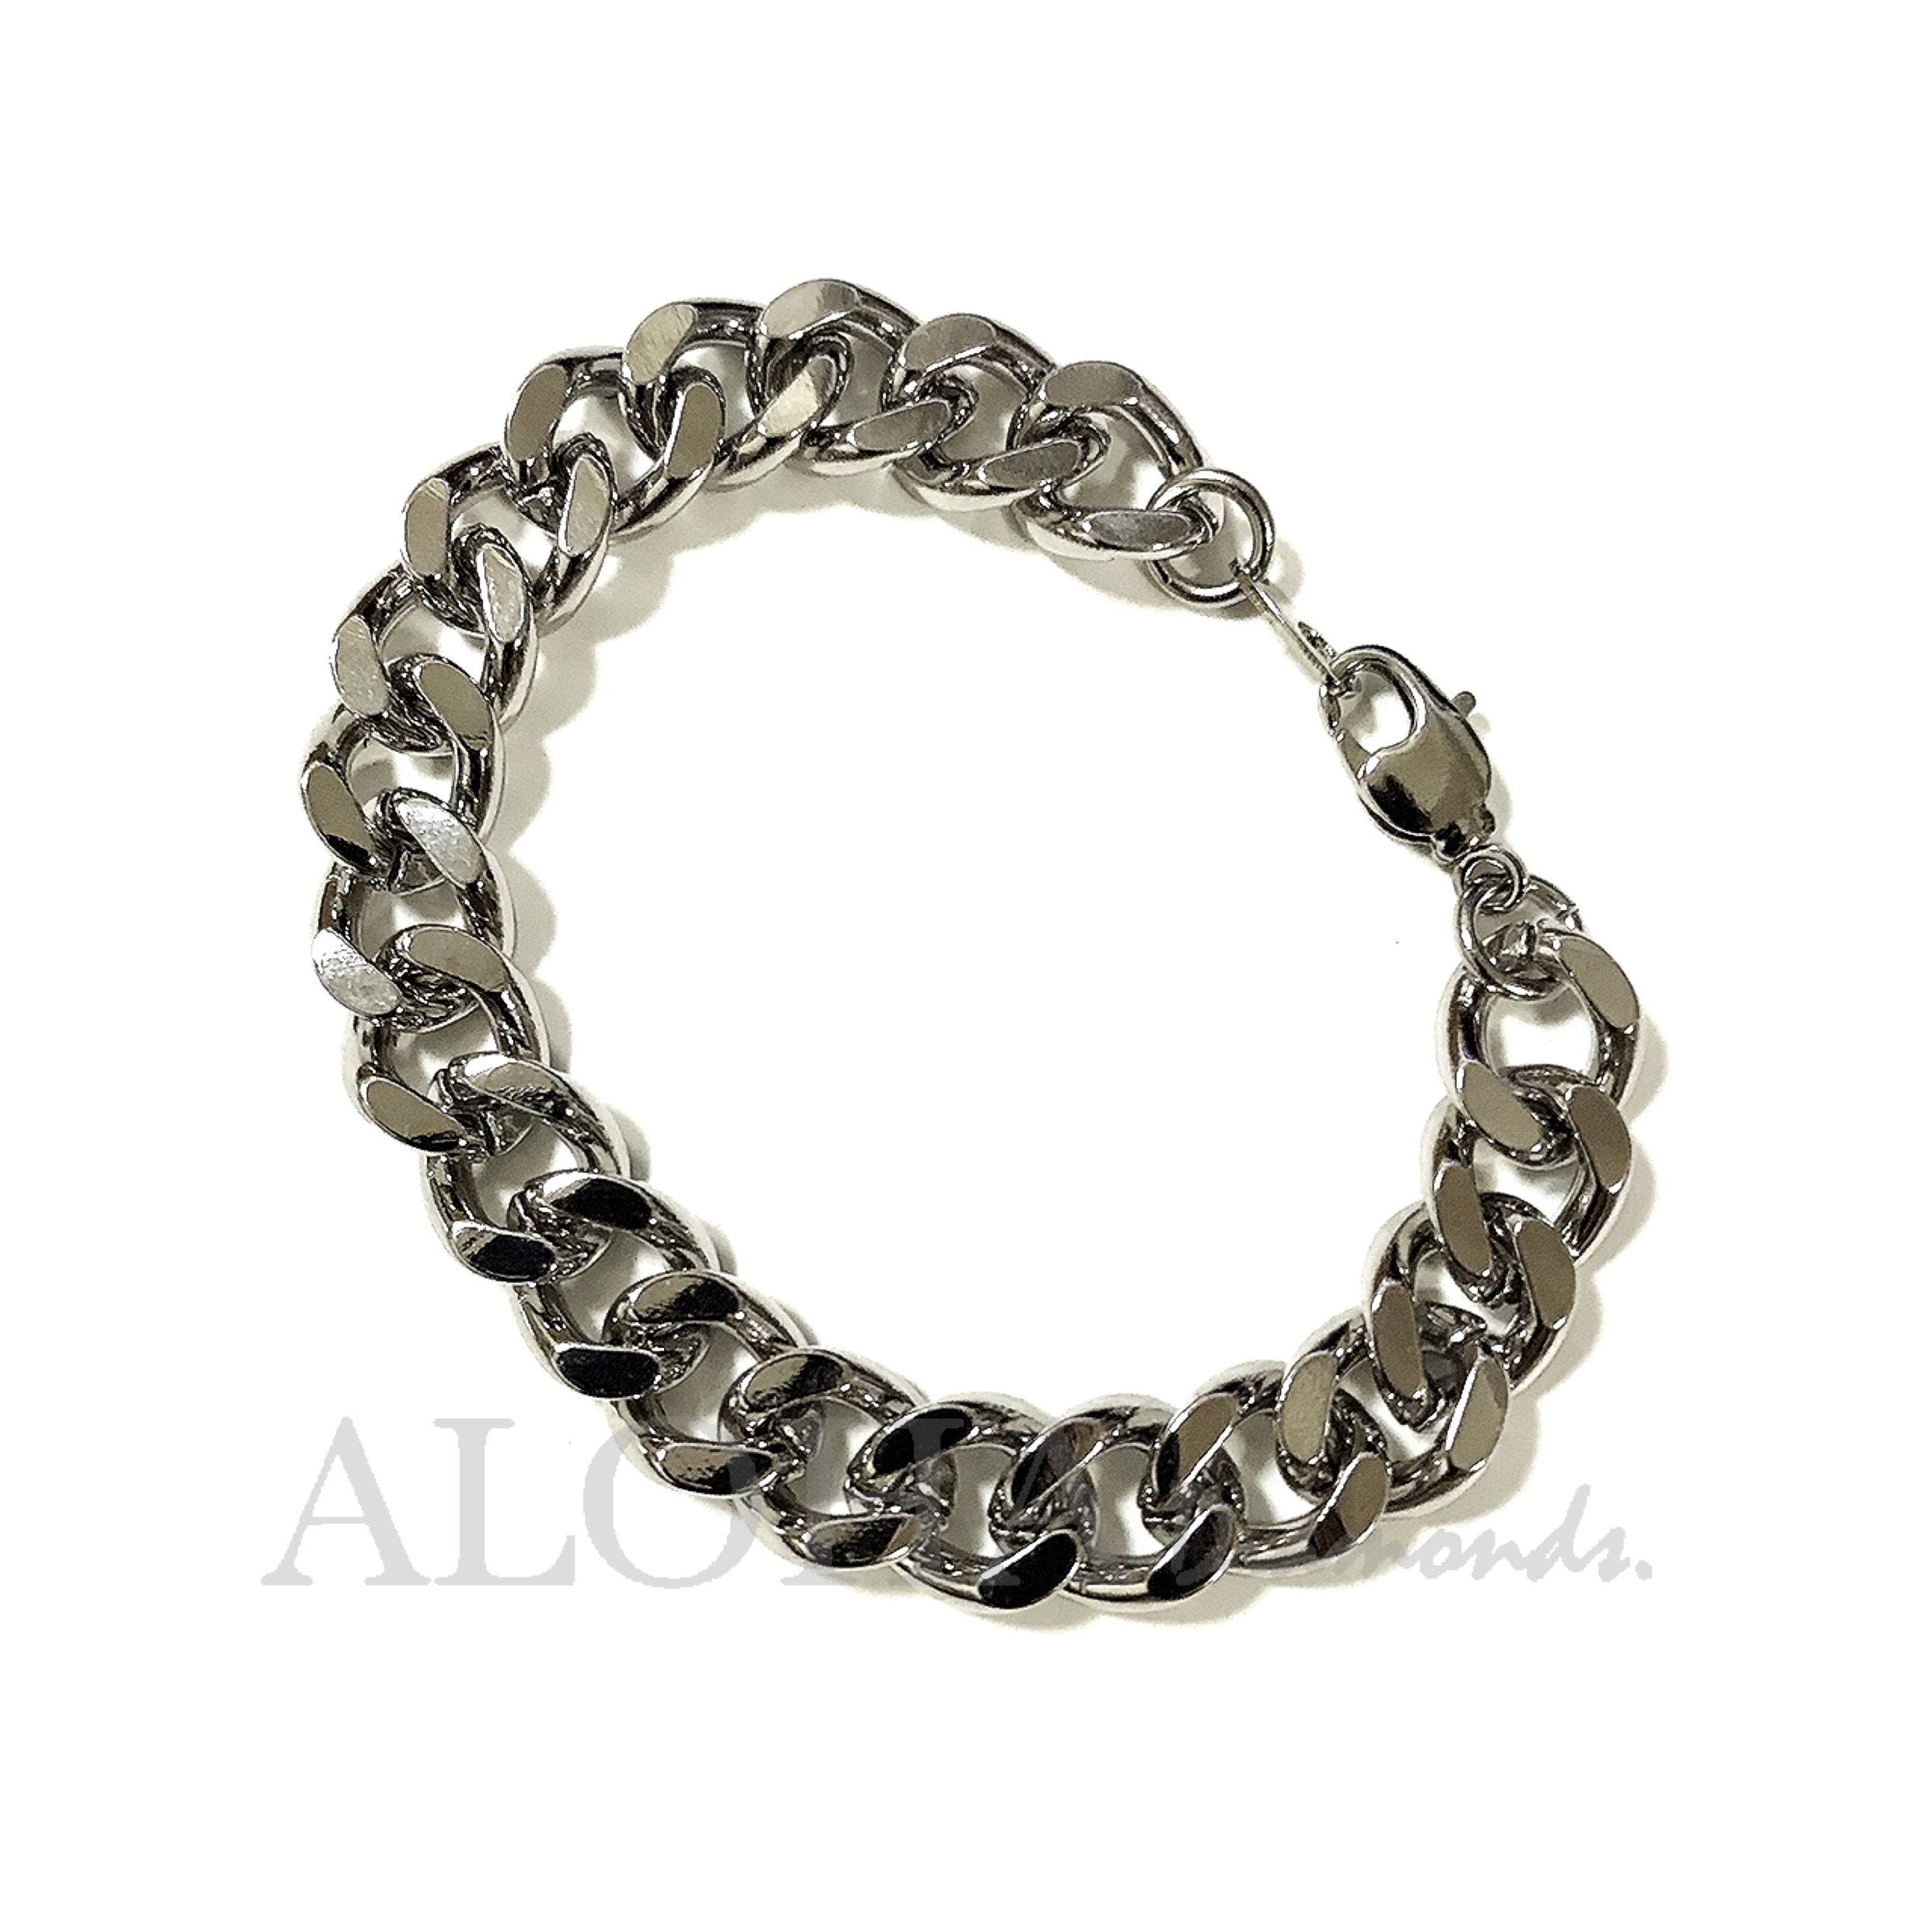 ✴︎✴︎✴︎The chain - No.1✴︎✴︎✴︎シルバー/ブレスレット(ブレスレット単品)